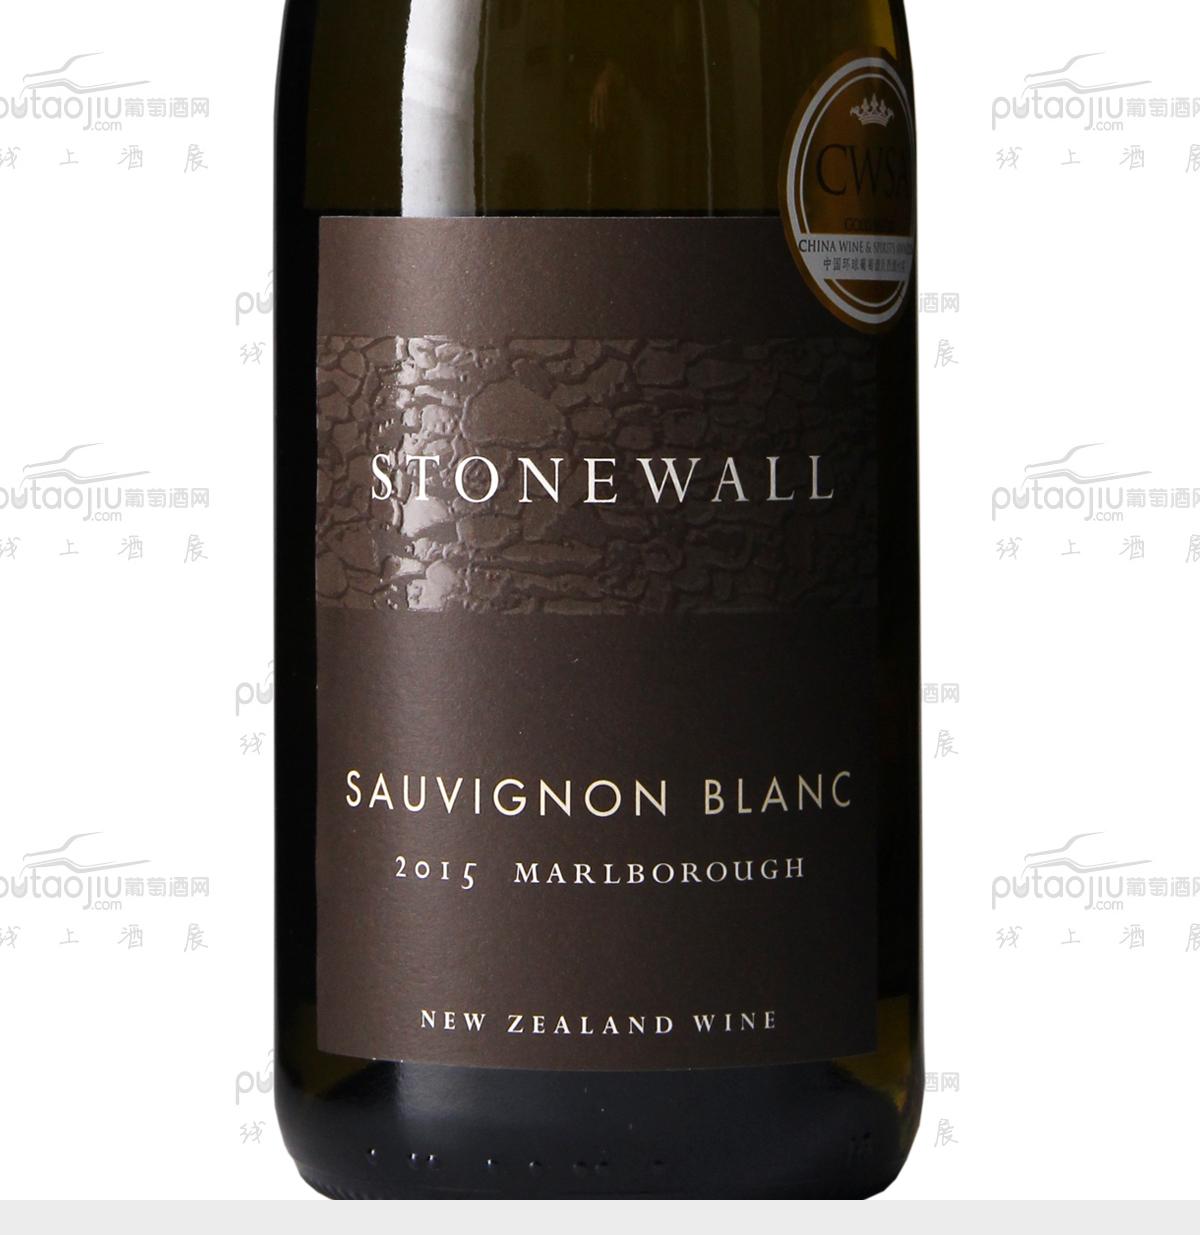 新西兰石墙长相思白葡萄酒 2015